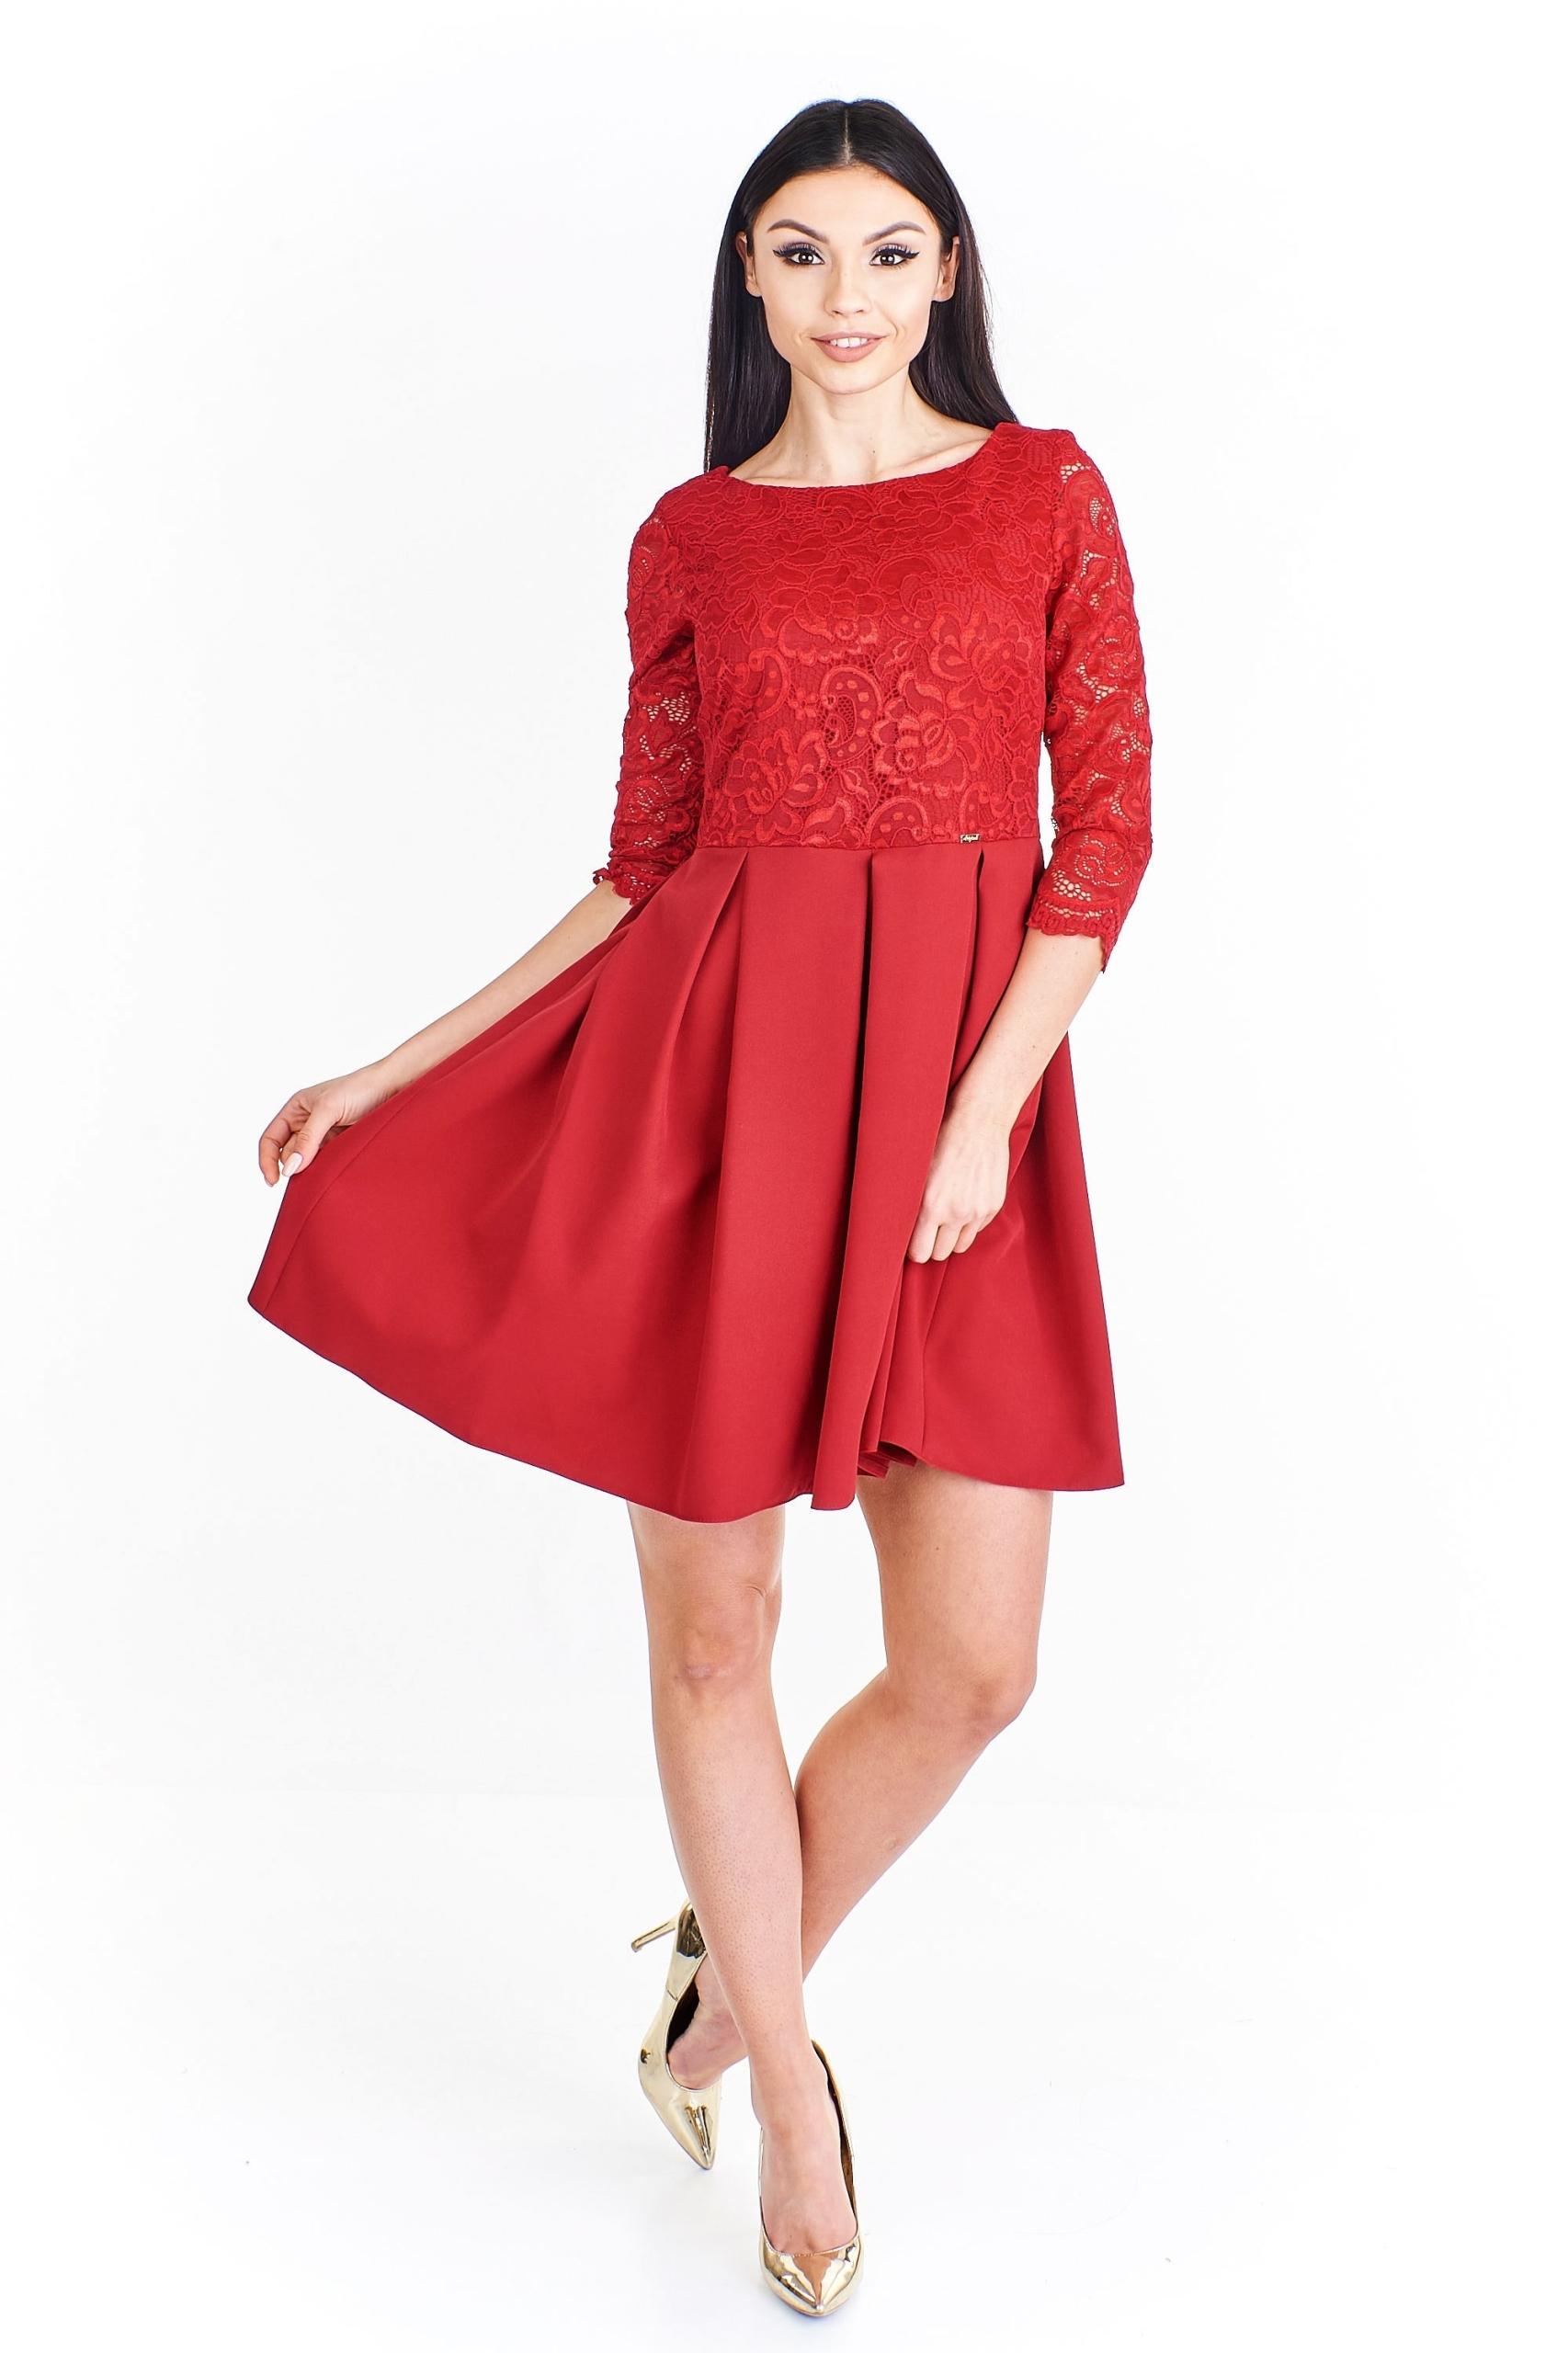 bd57f4f1ed Koktajlowa sukienka z koronkową górą Czerwony 42 - 7445500993 ...